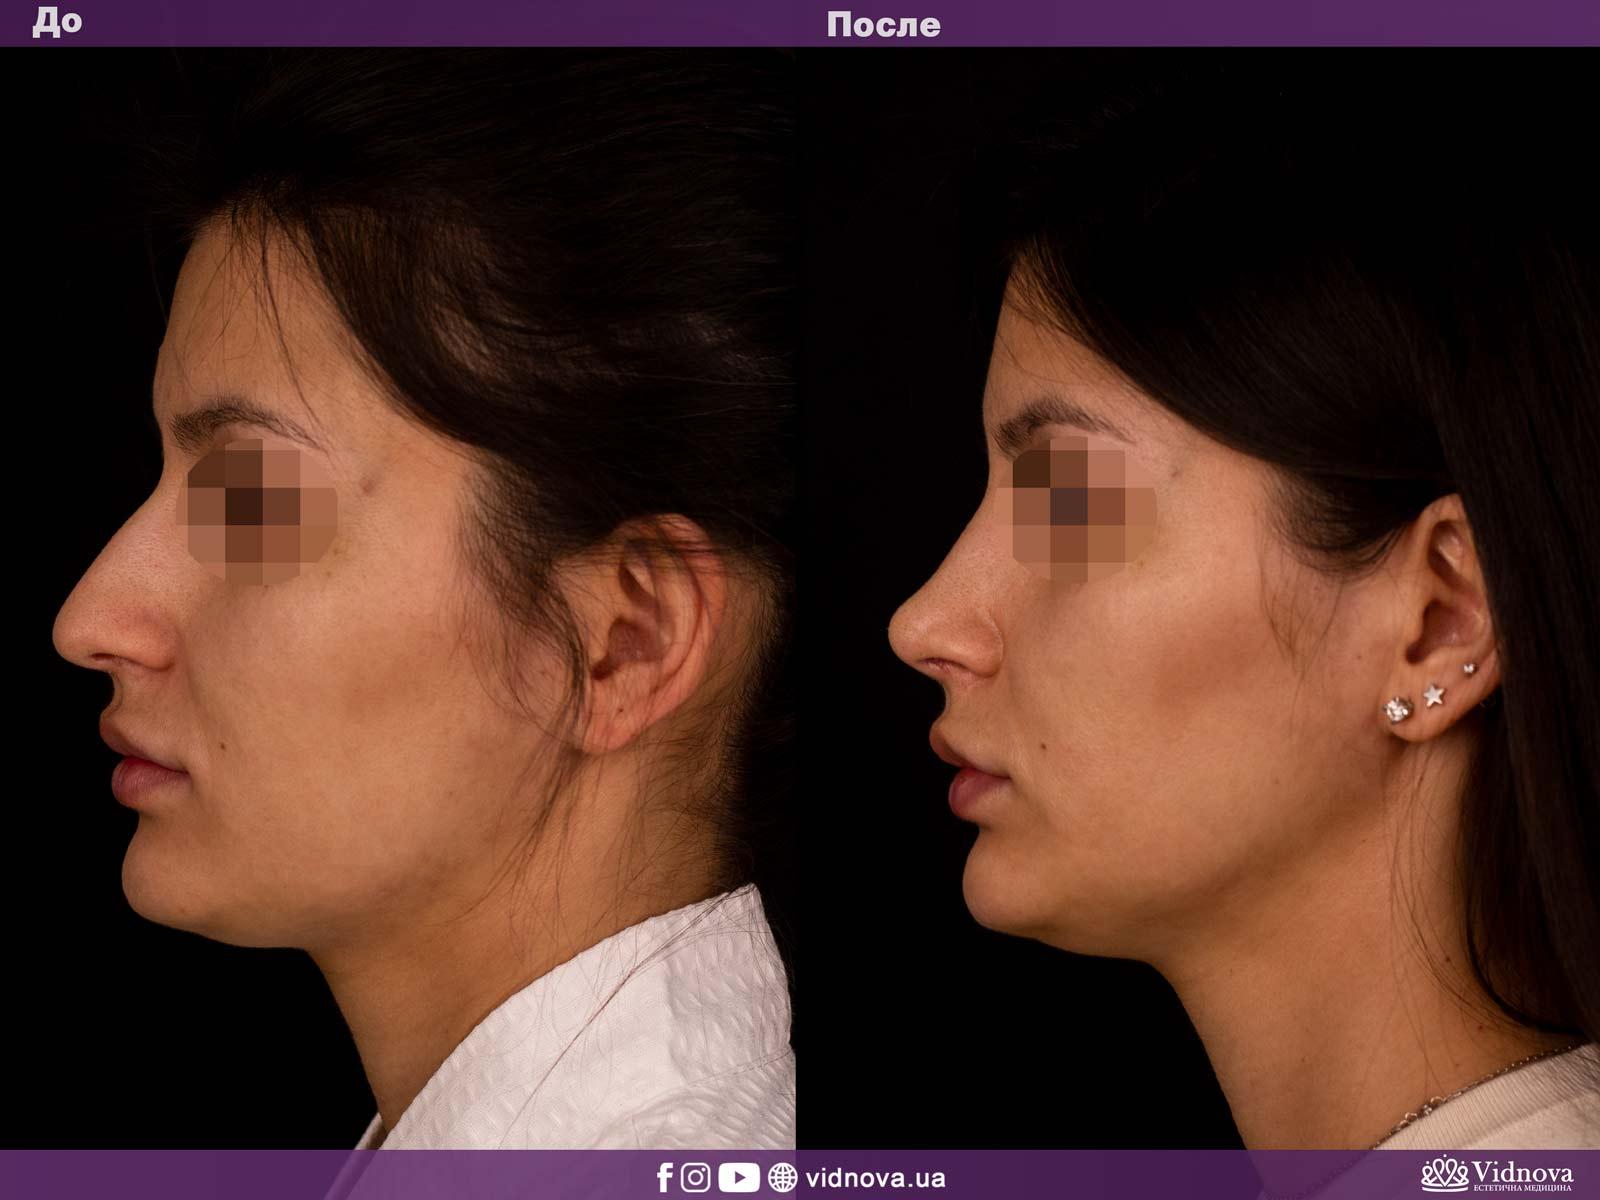 Ринопластика: Фото ДО и ПОСЛЕ - Пример №2-3 - Клиника Vidnova